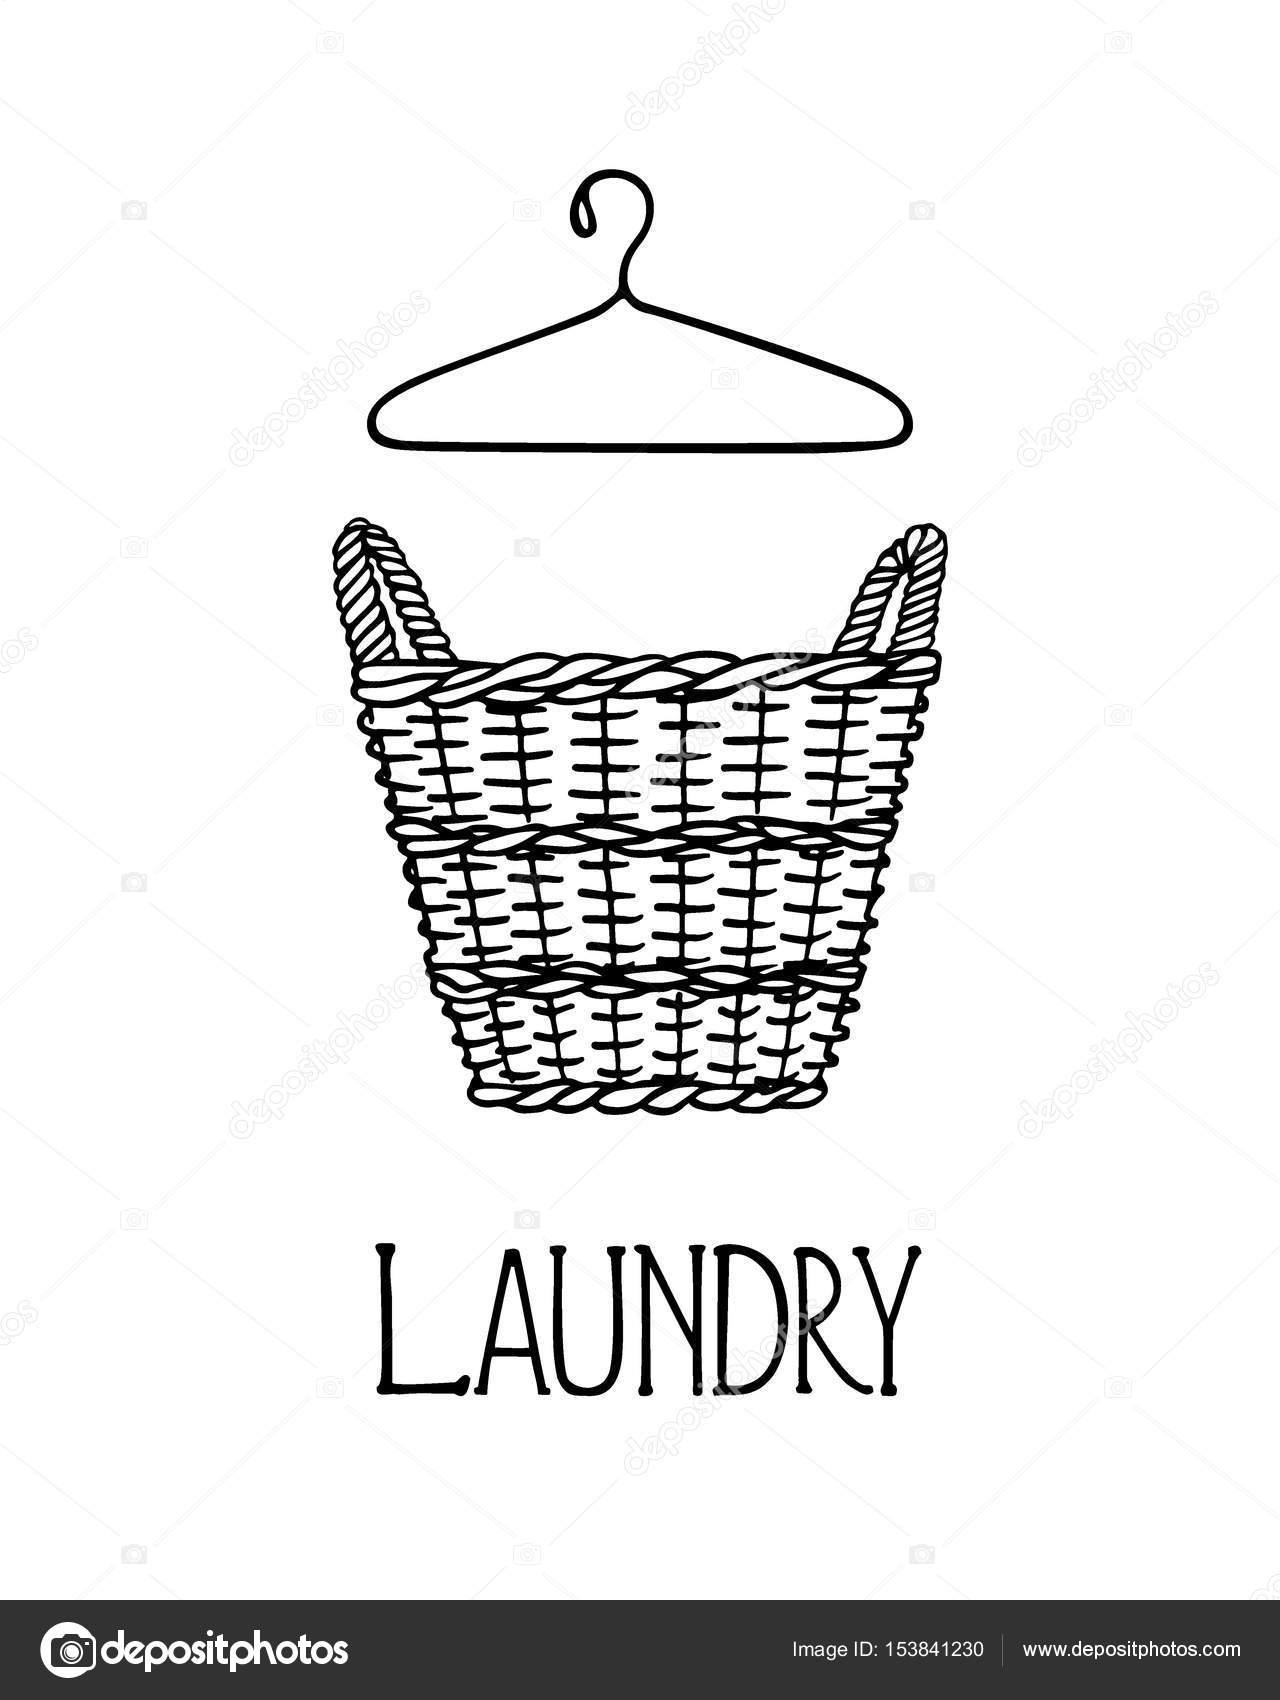 45a392cba0 Illustrazione vettoriale della mano disegnata cestino di vimini con  lavanderia. Stile grafico, disegno di inchiostro. Elementi di design per la  casa bella.